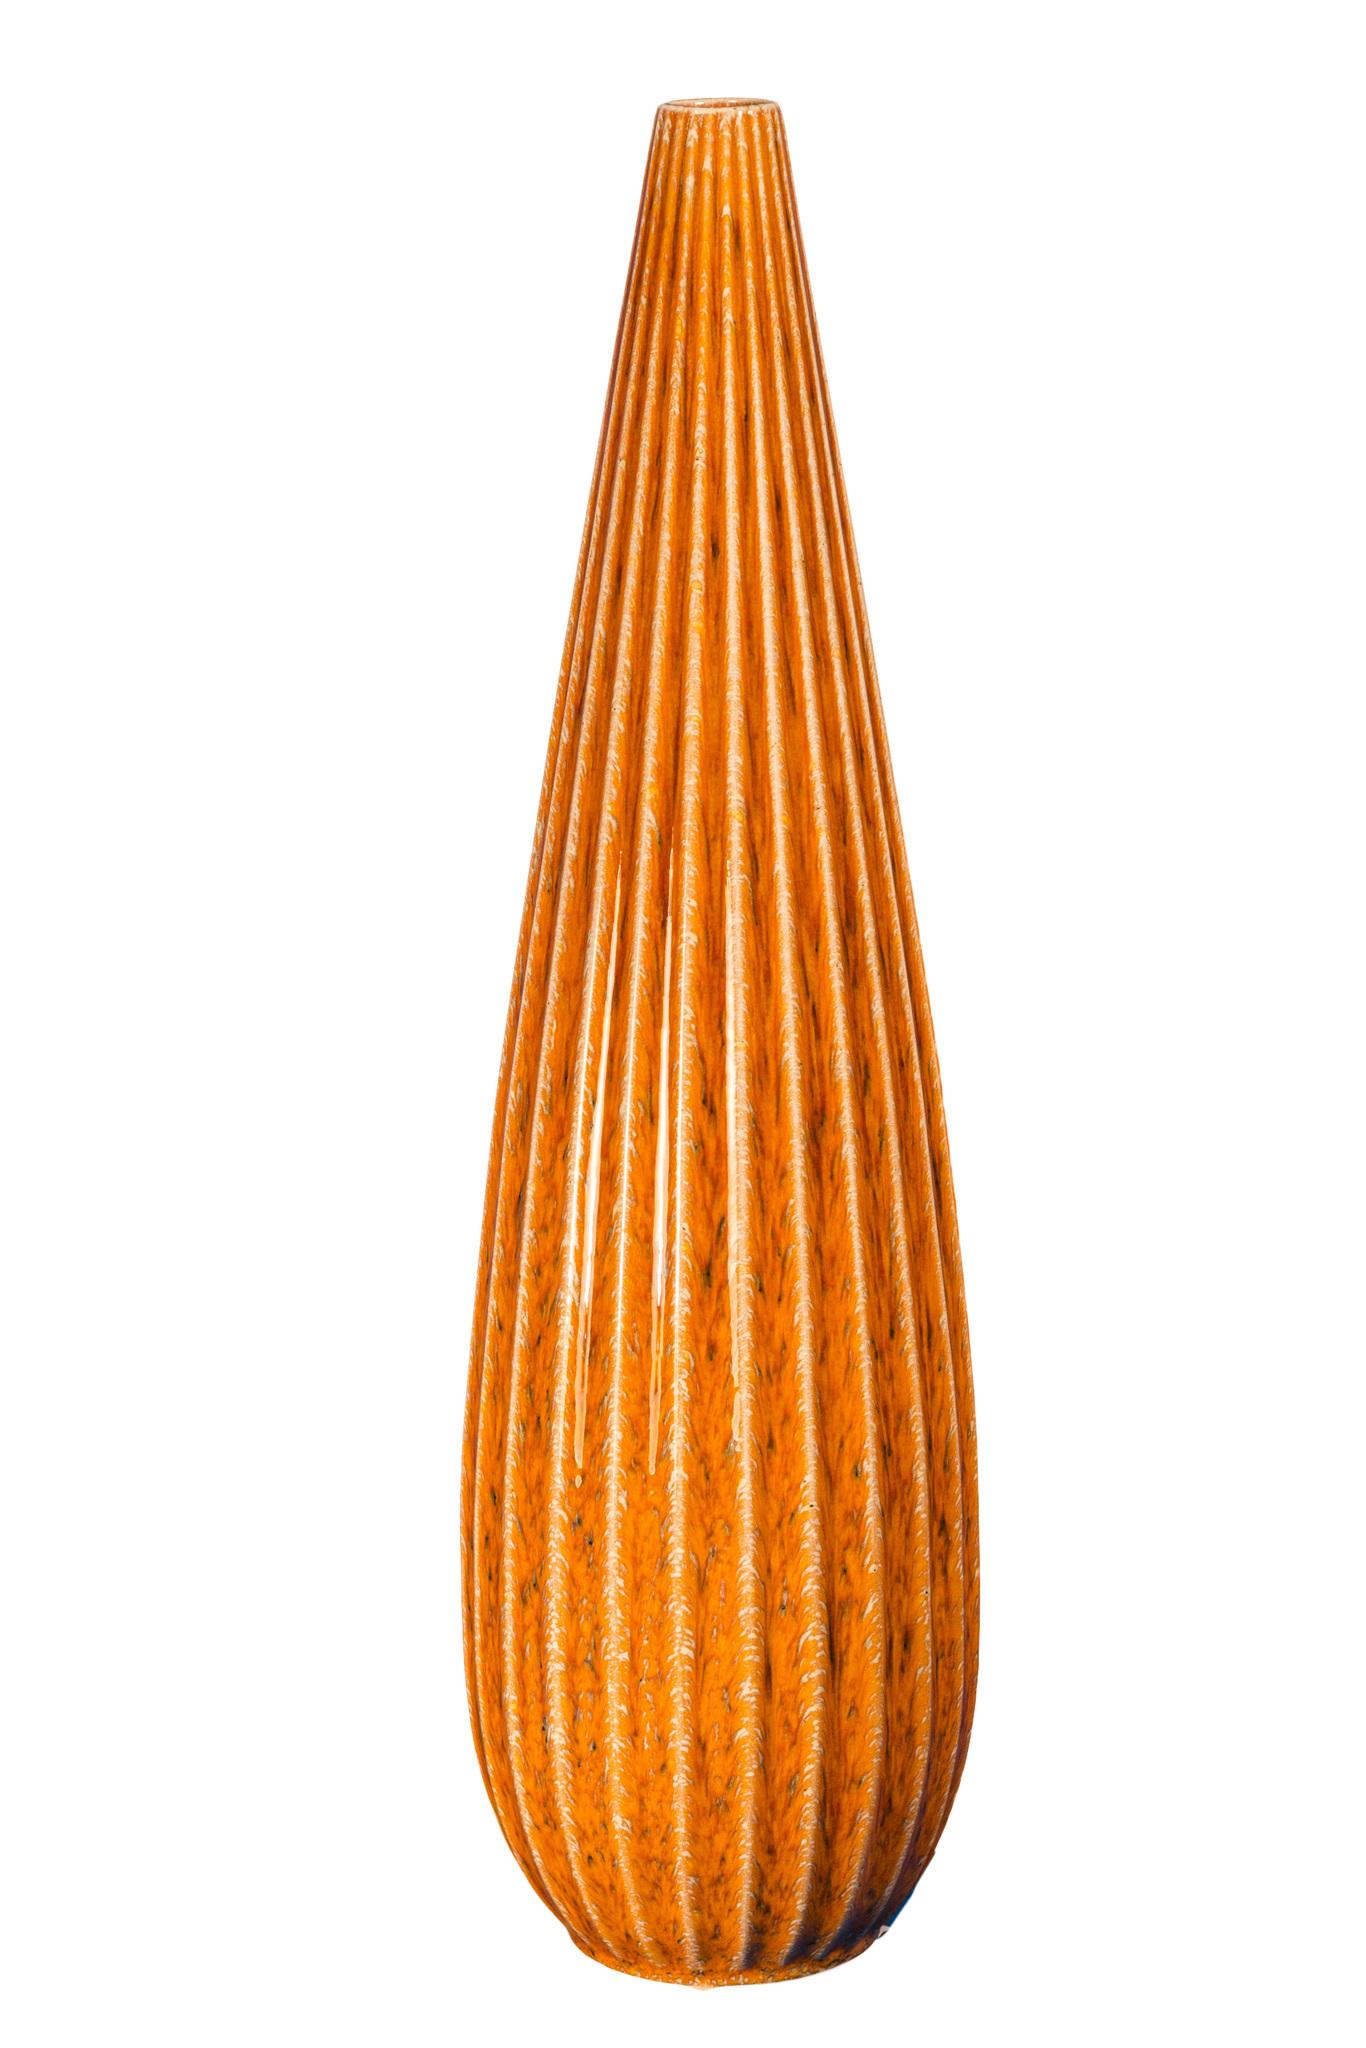 Вазы настольные Элитная ваза декоративная Africa средняя от S. Bernardo vaza-dekorativnaya-srednyaya-africa-ot-s-bernardo-iz-portugalii.jpg